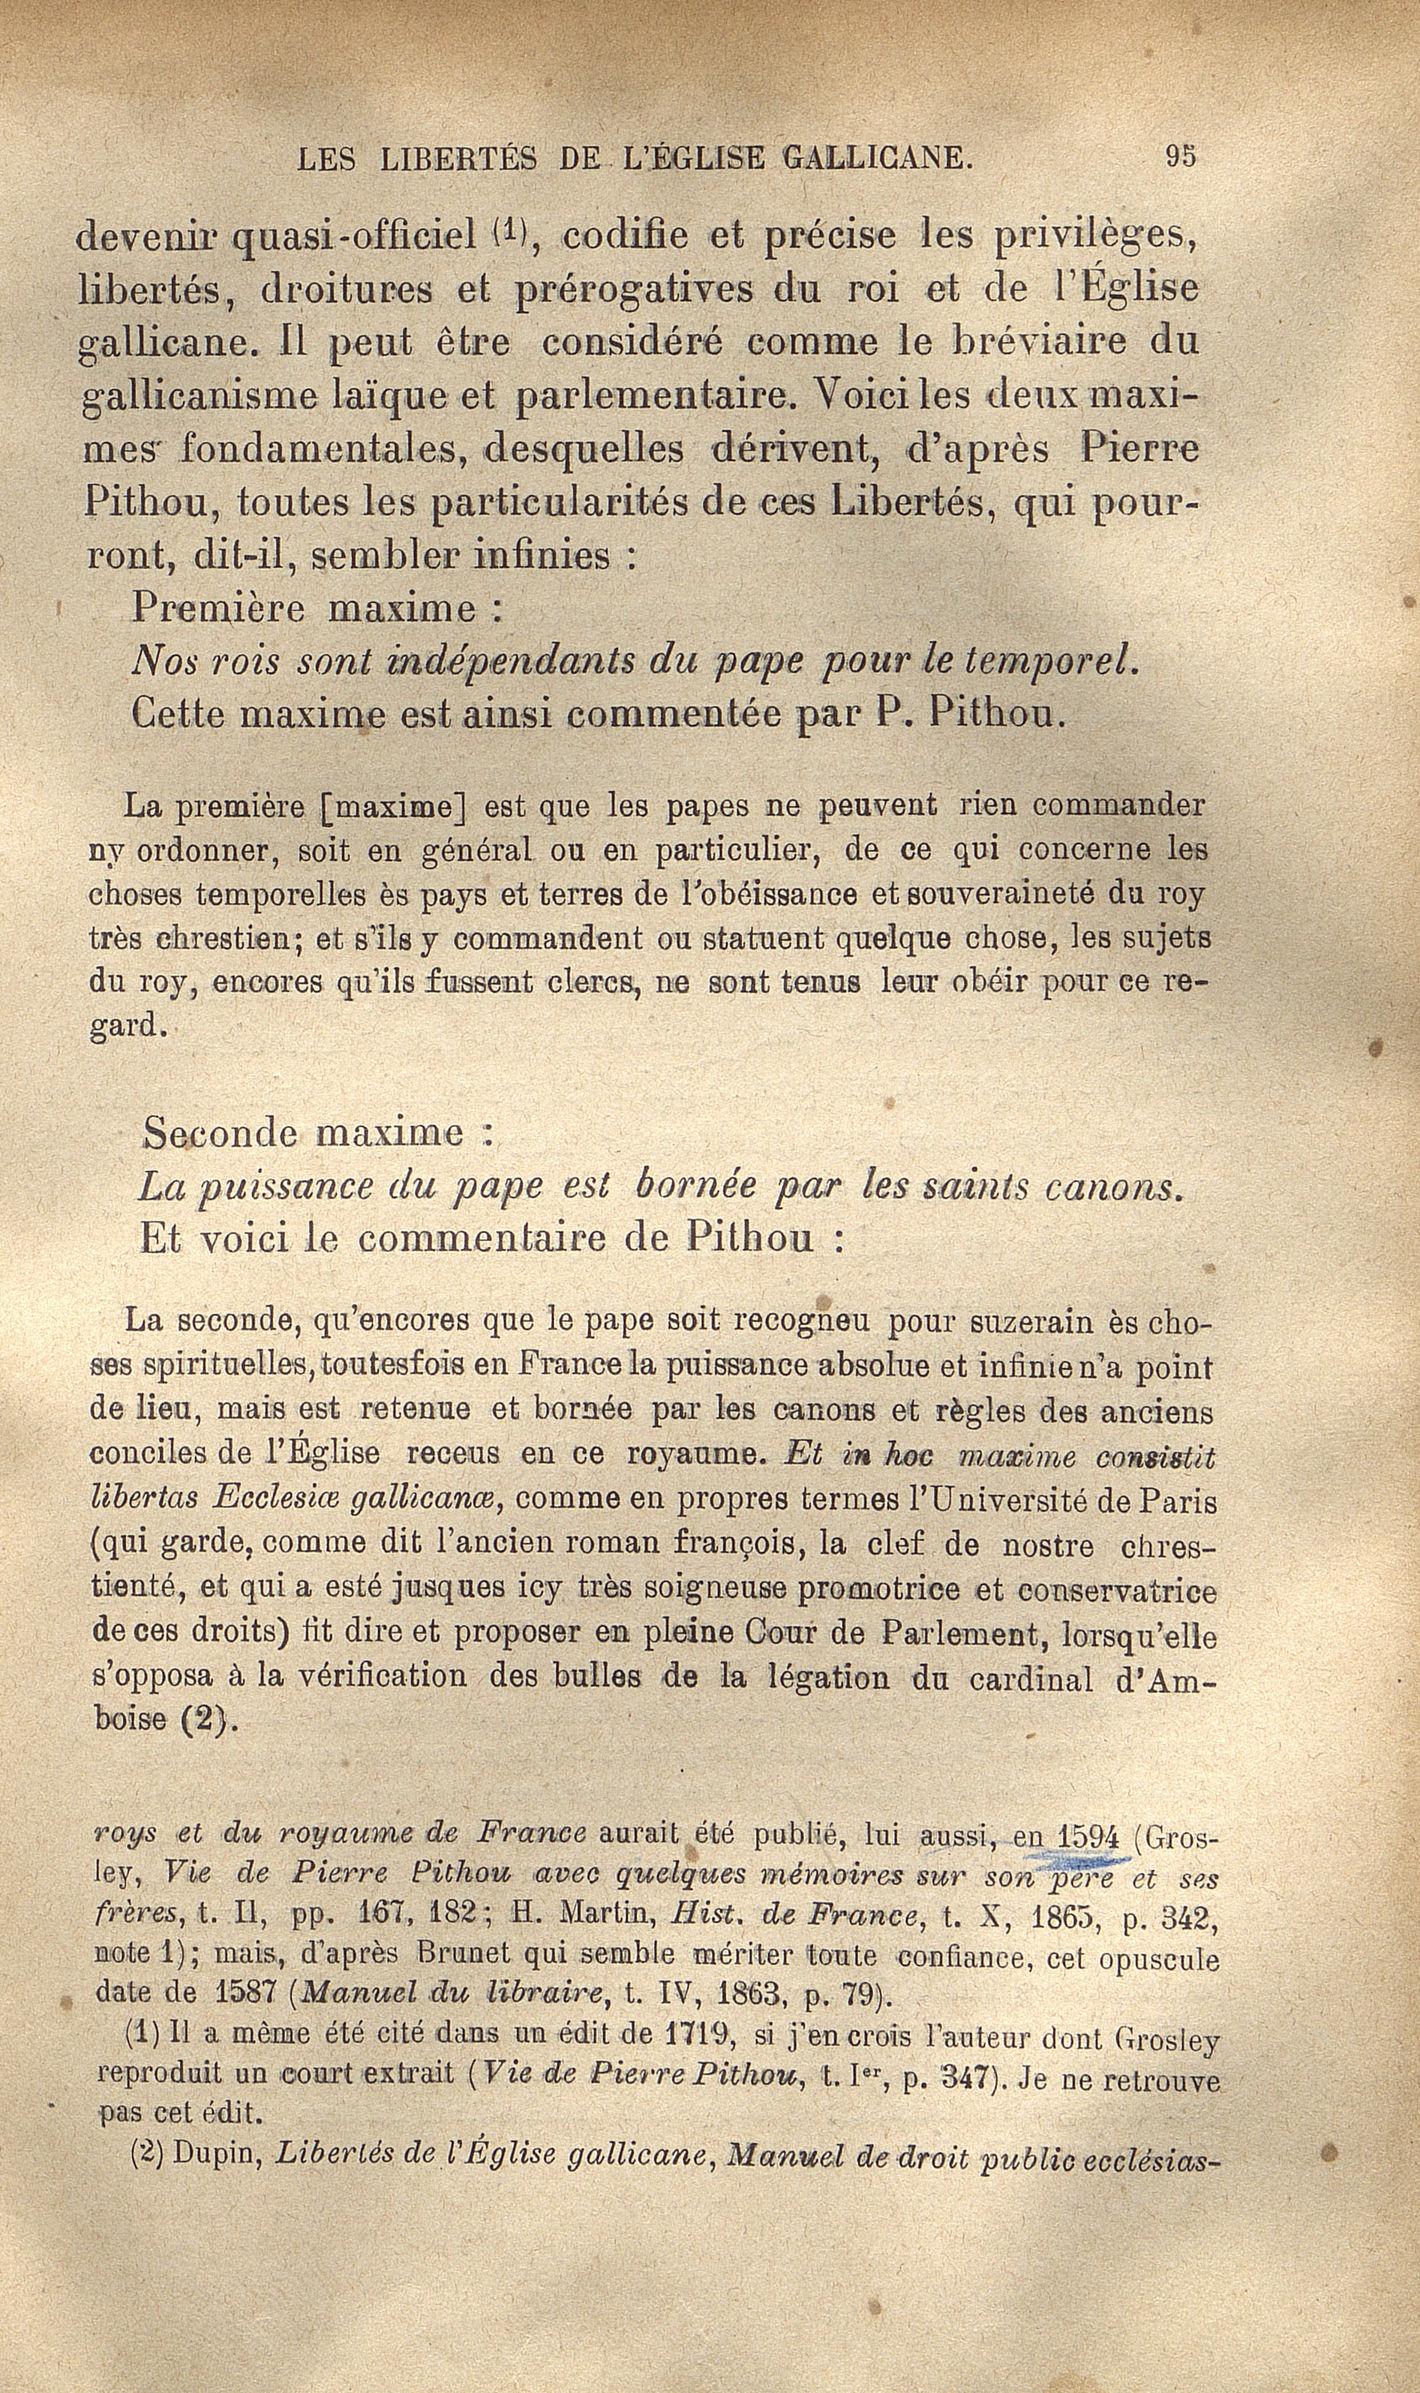 http://expo-paulviollet.univ-paris1.fr/wp-content/uploads/2016/02/0605381272_0109.jpg